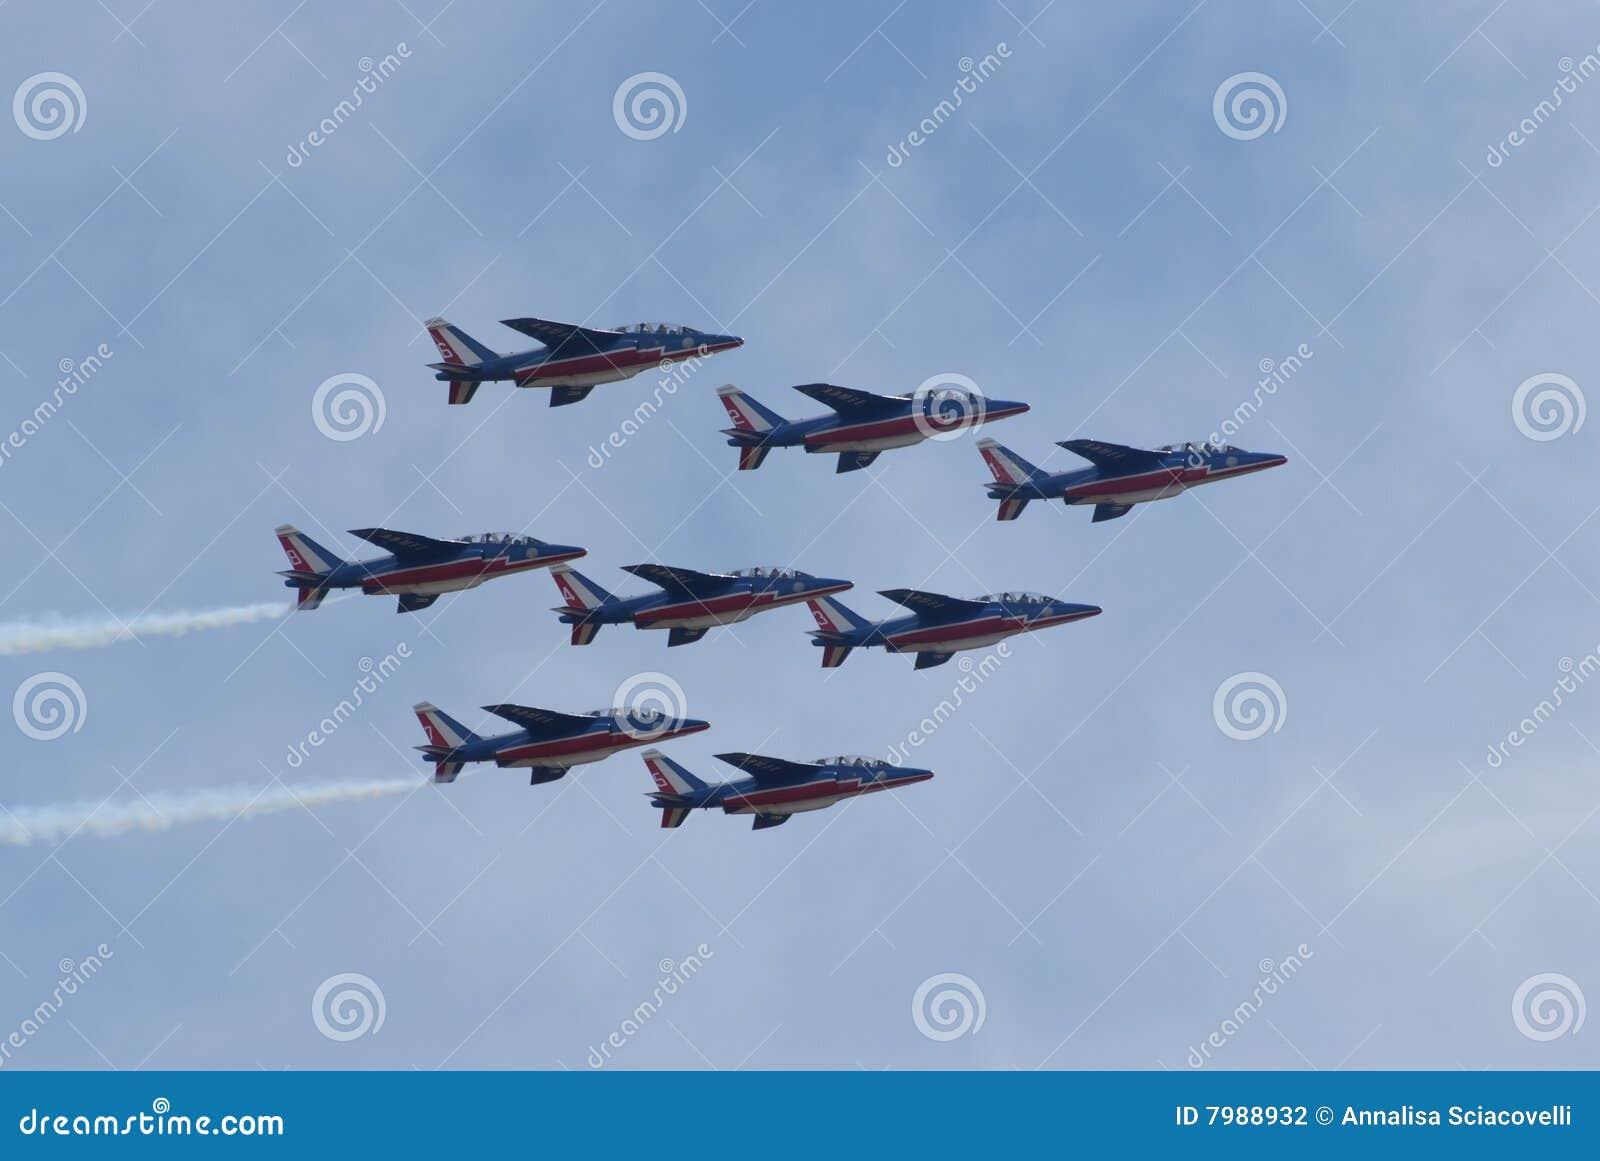 De lucht toont - Team 02 van Frankrijk